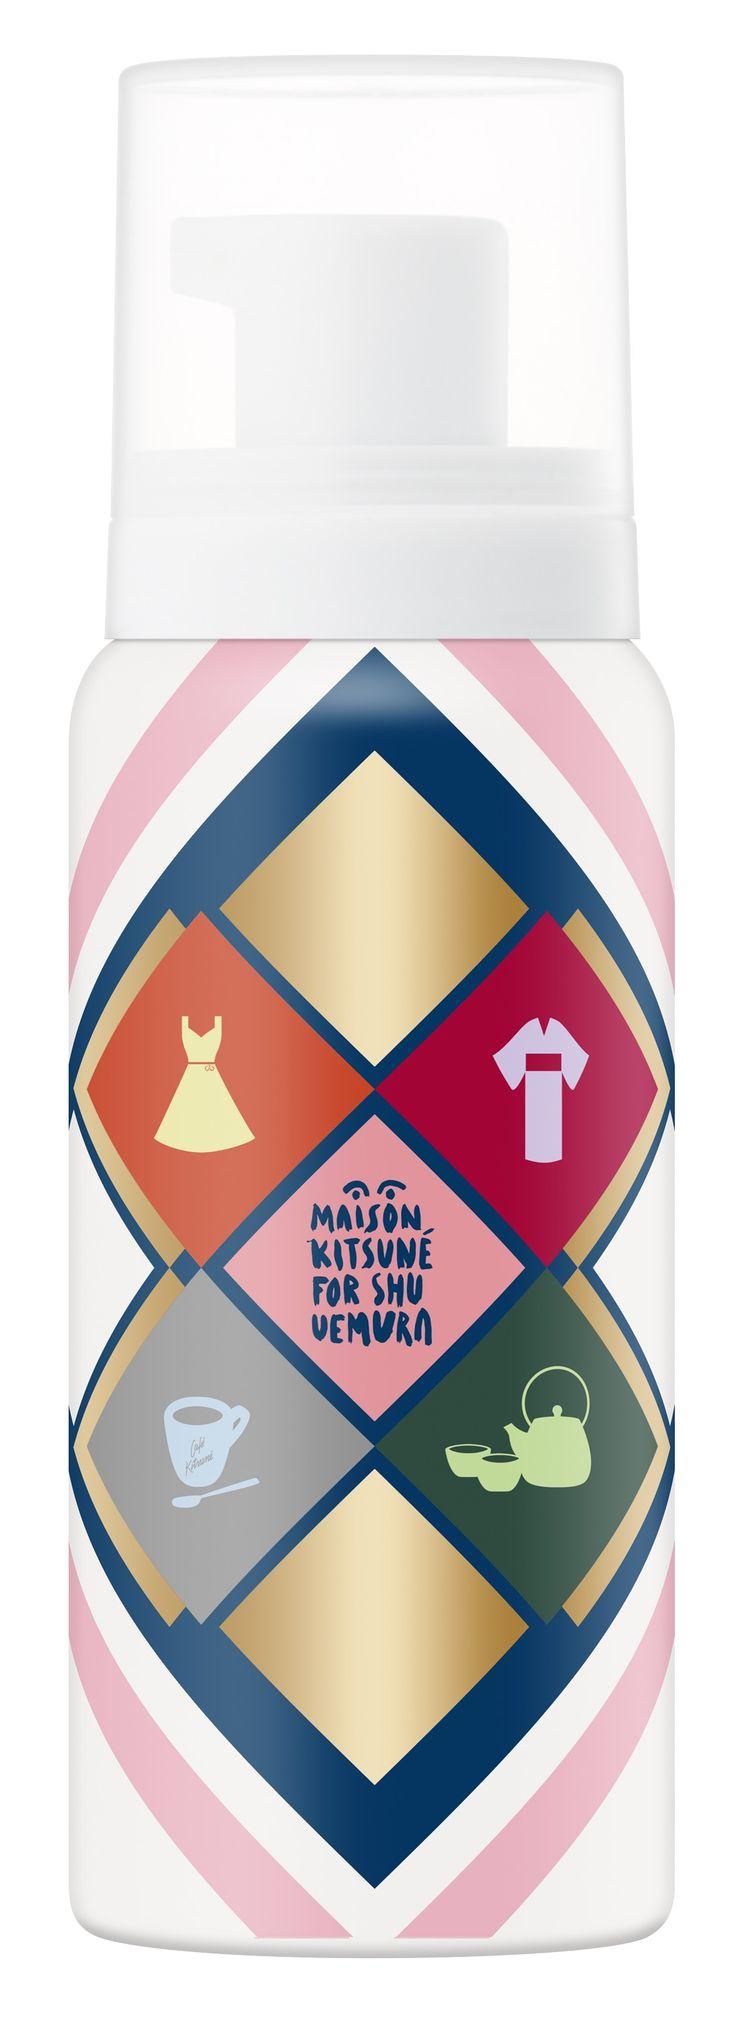 植村秀shu uemura x Maison Kitsuné聯名聖誕彩妝 總監打出角康傳授妝容技巧 | BeautiMode 創意生活風格網